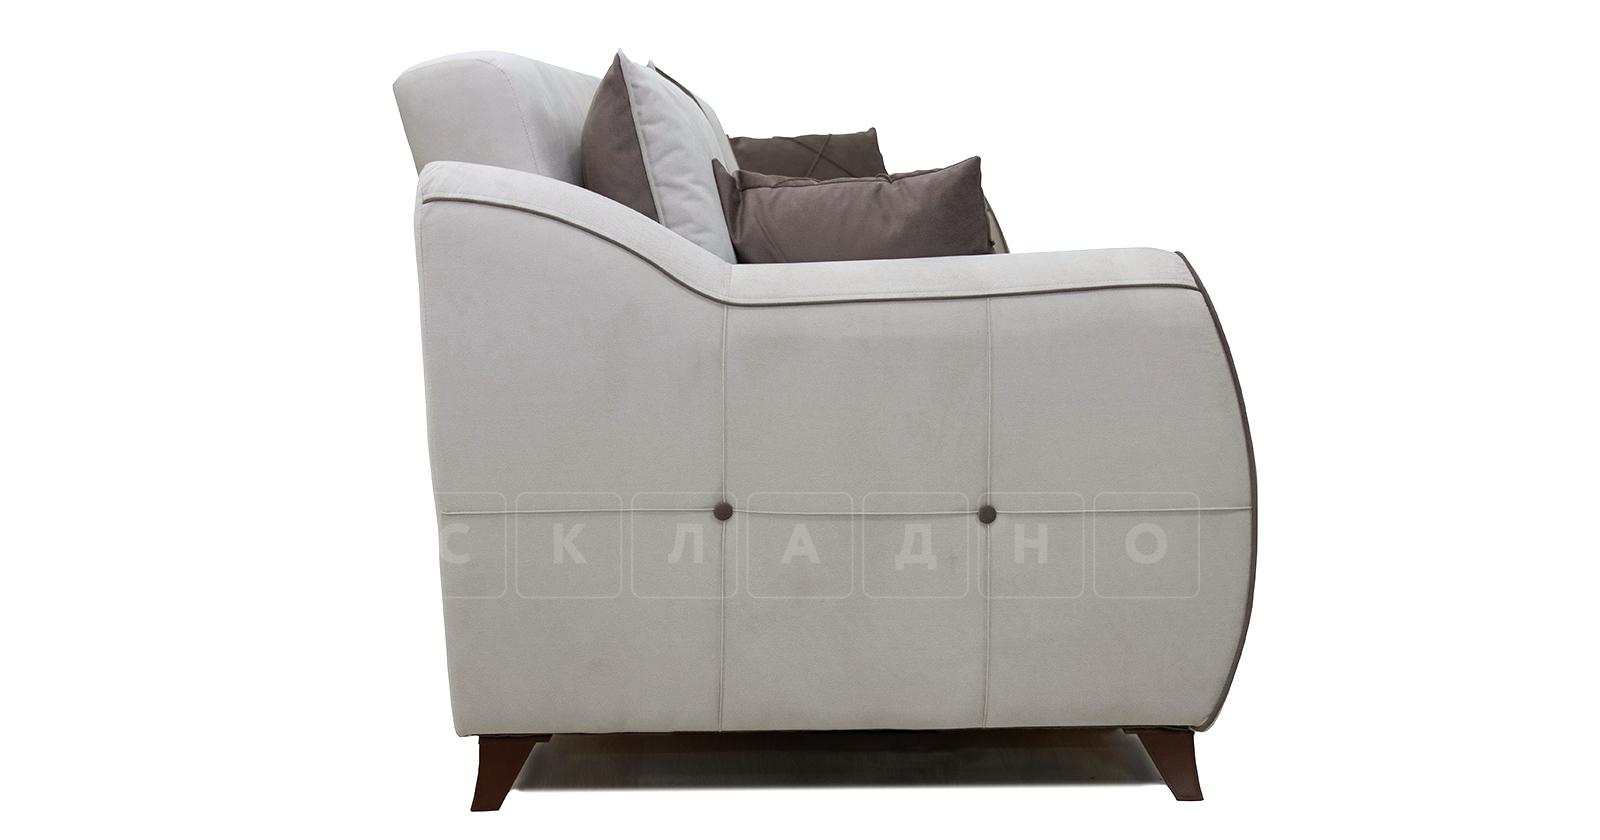 Диван-кровать Флэтфорд серо-бежевый фото 4 | интернет-магазин Складно